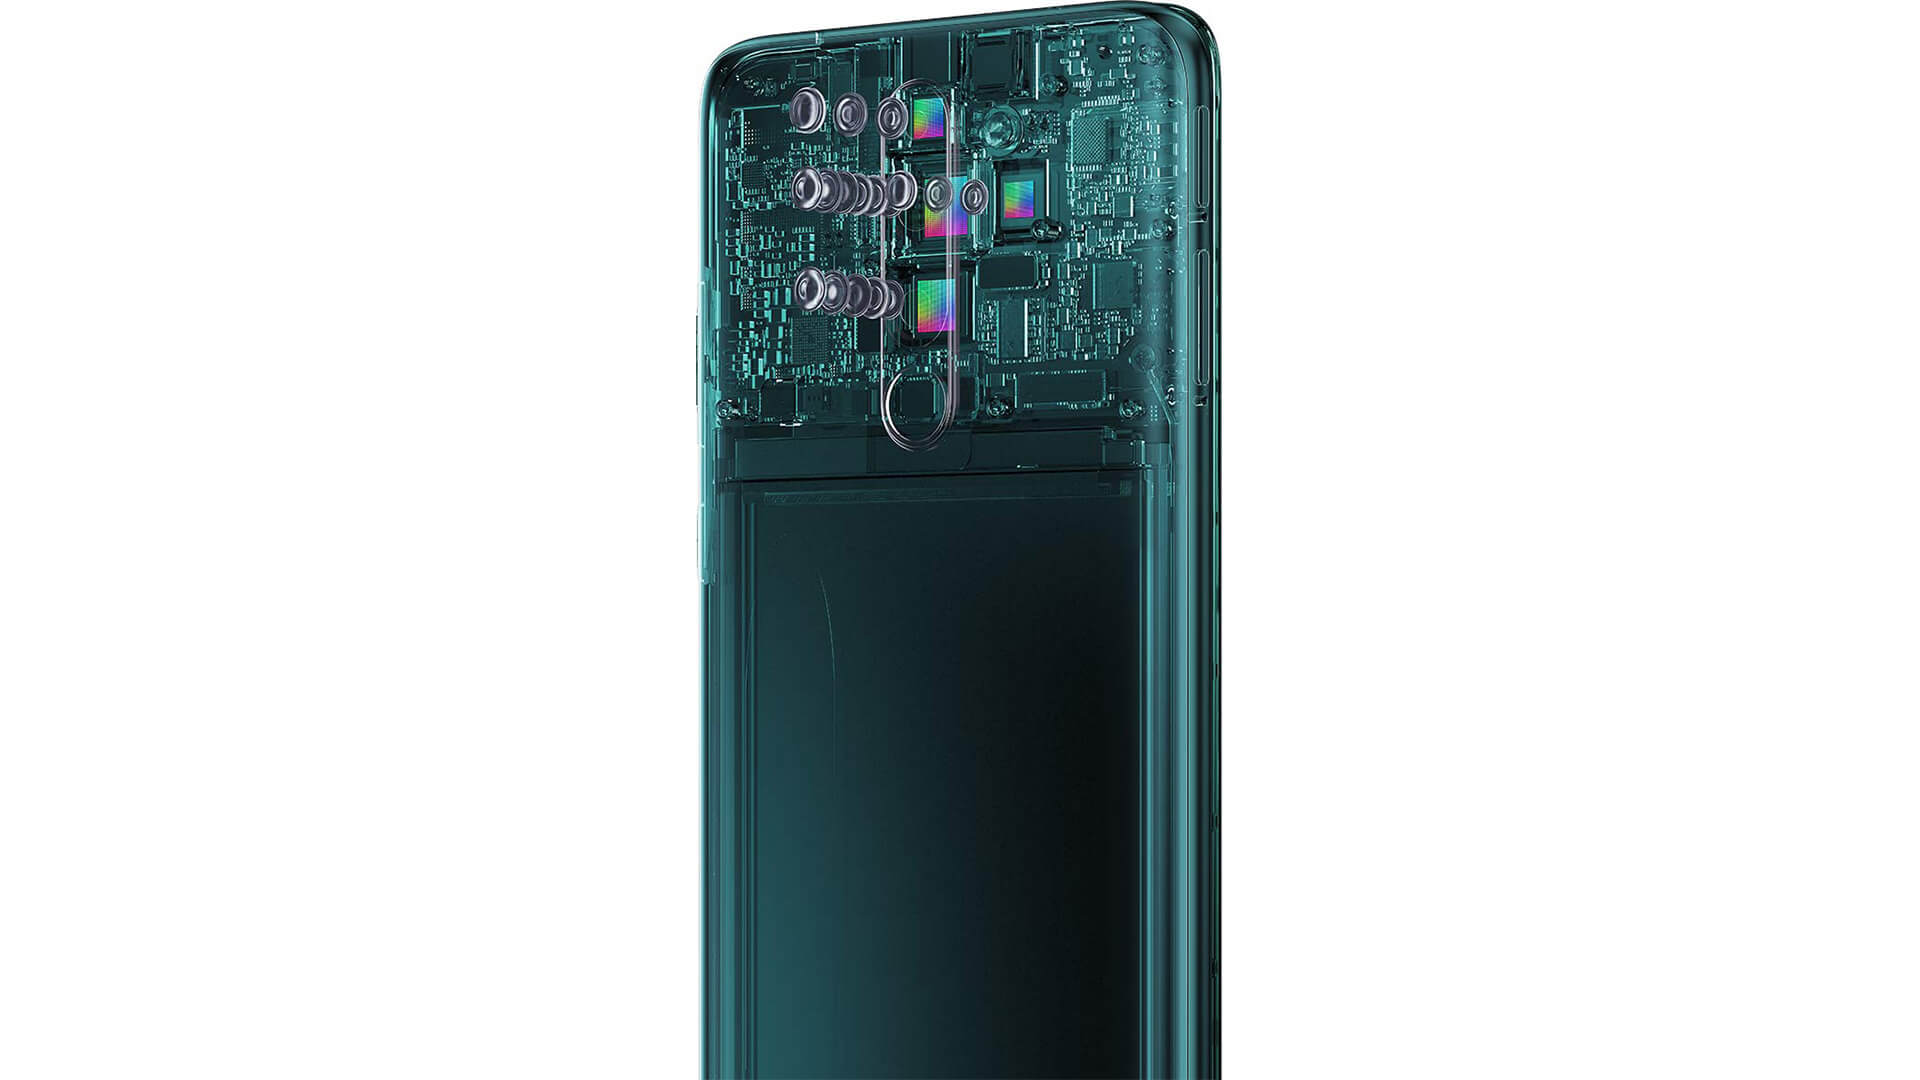 گوشی redmi note 8 pro